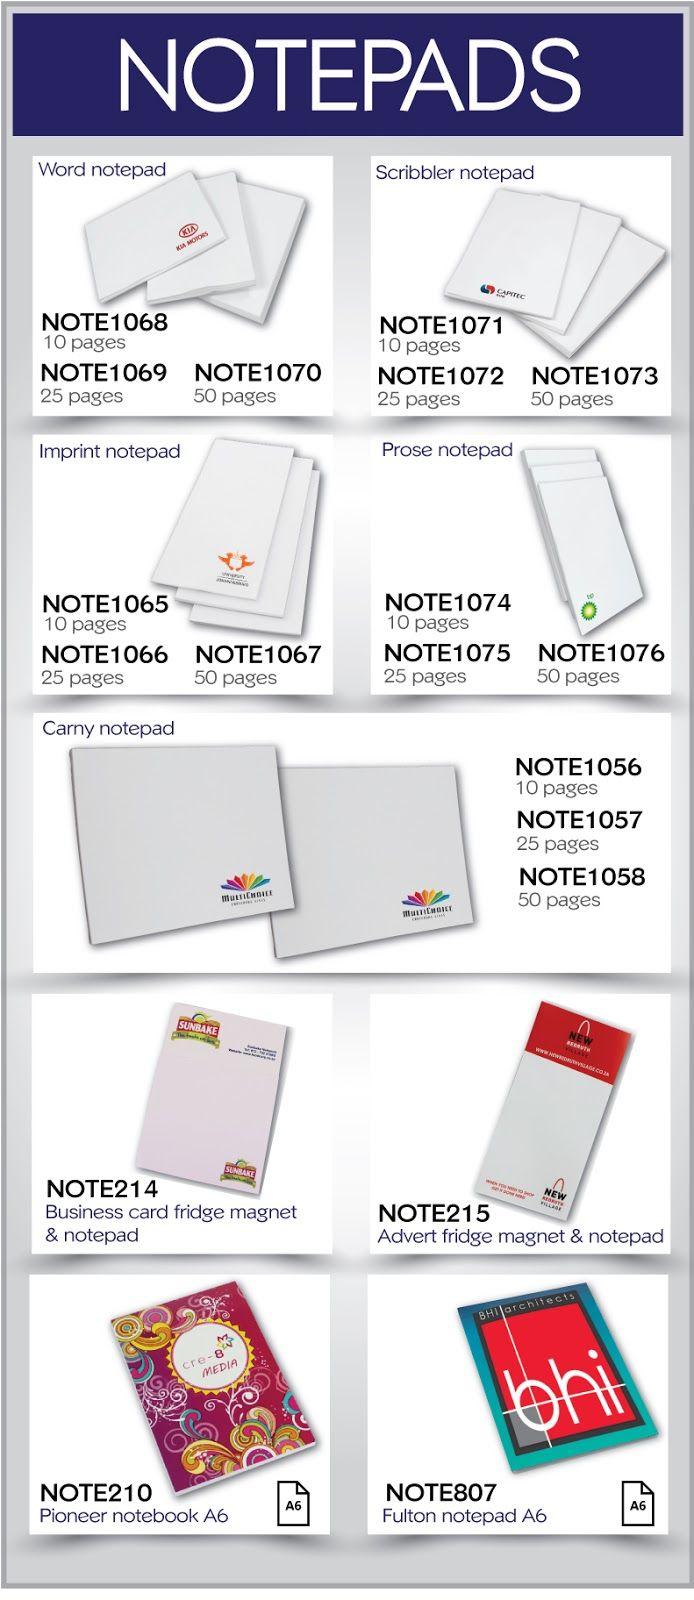 Notepads.jpg (694×1600)